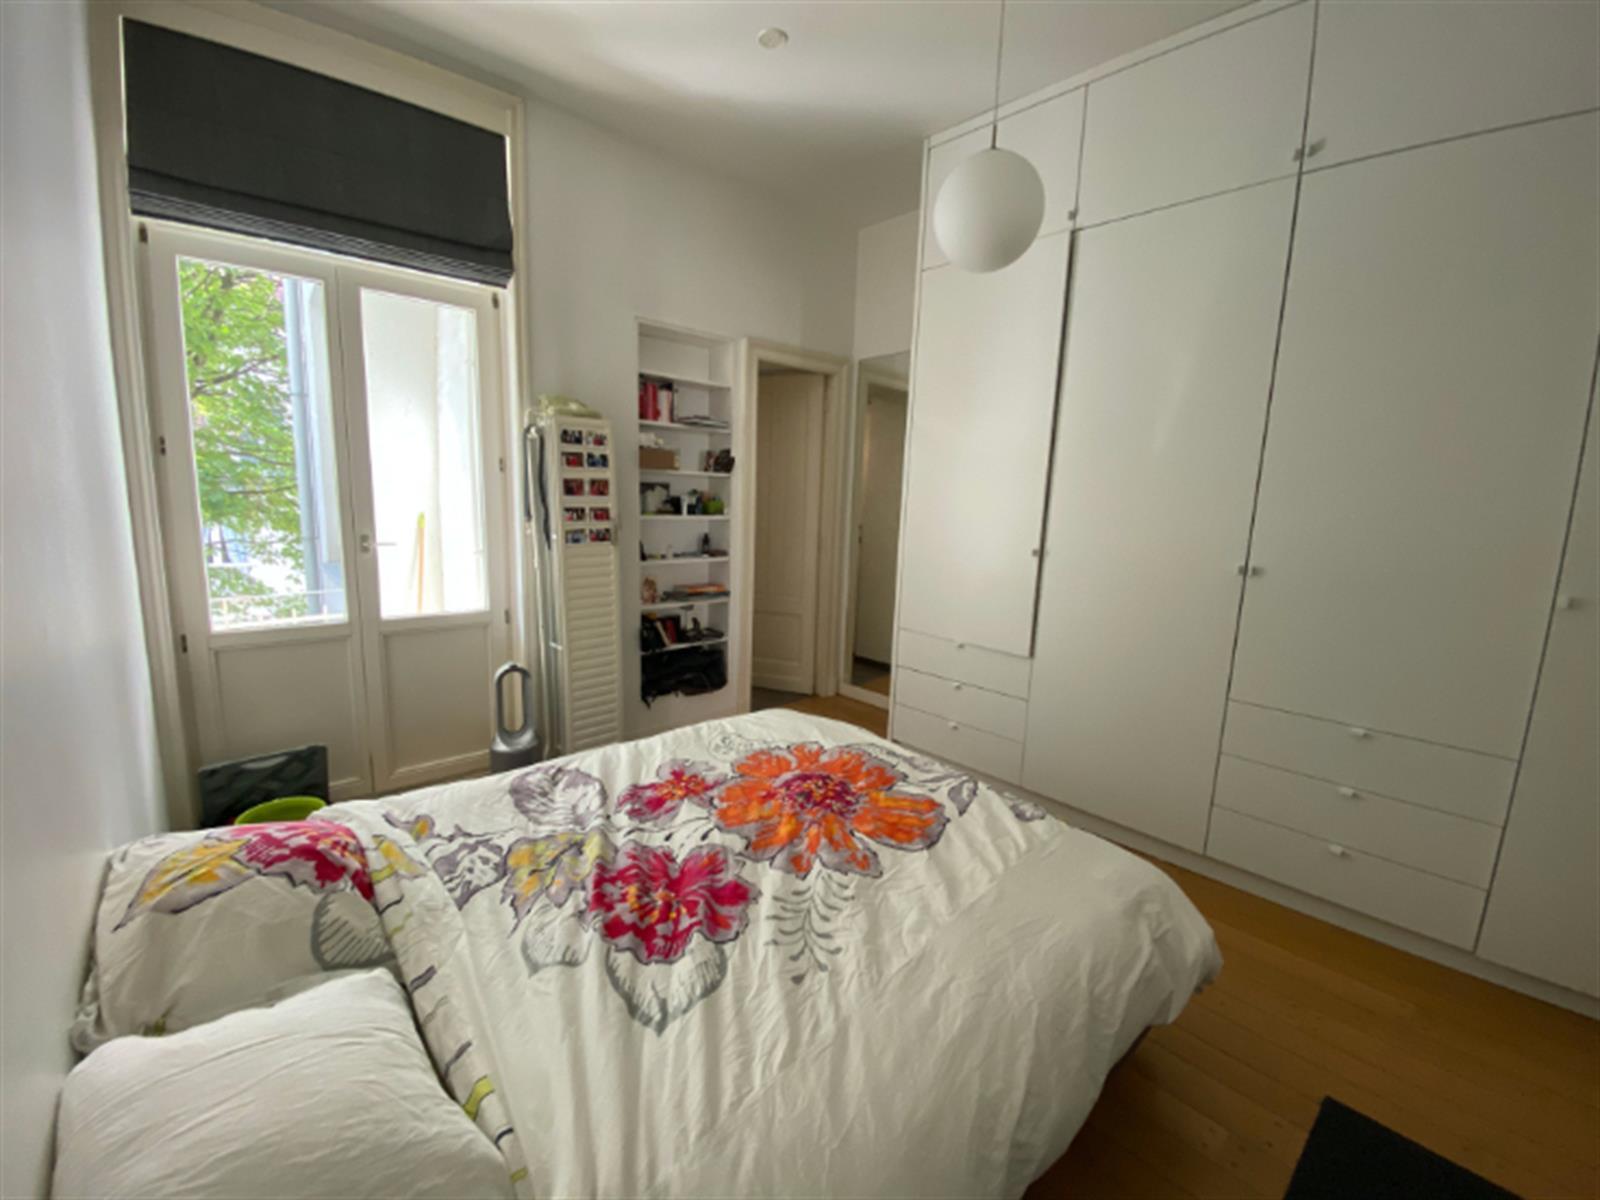 Flat - Ixelles - #4183068-10